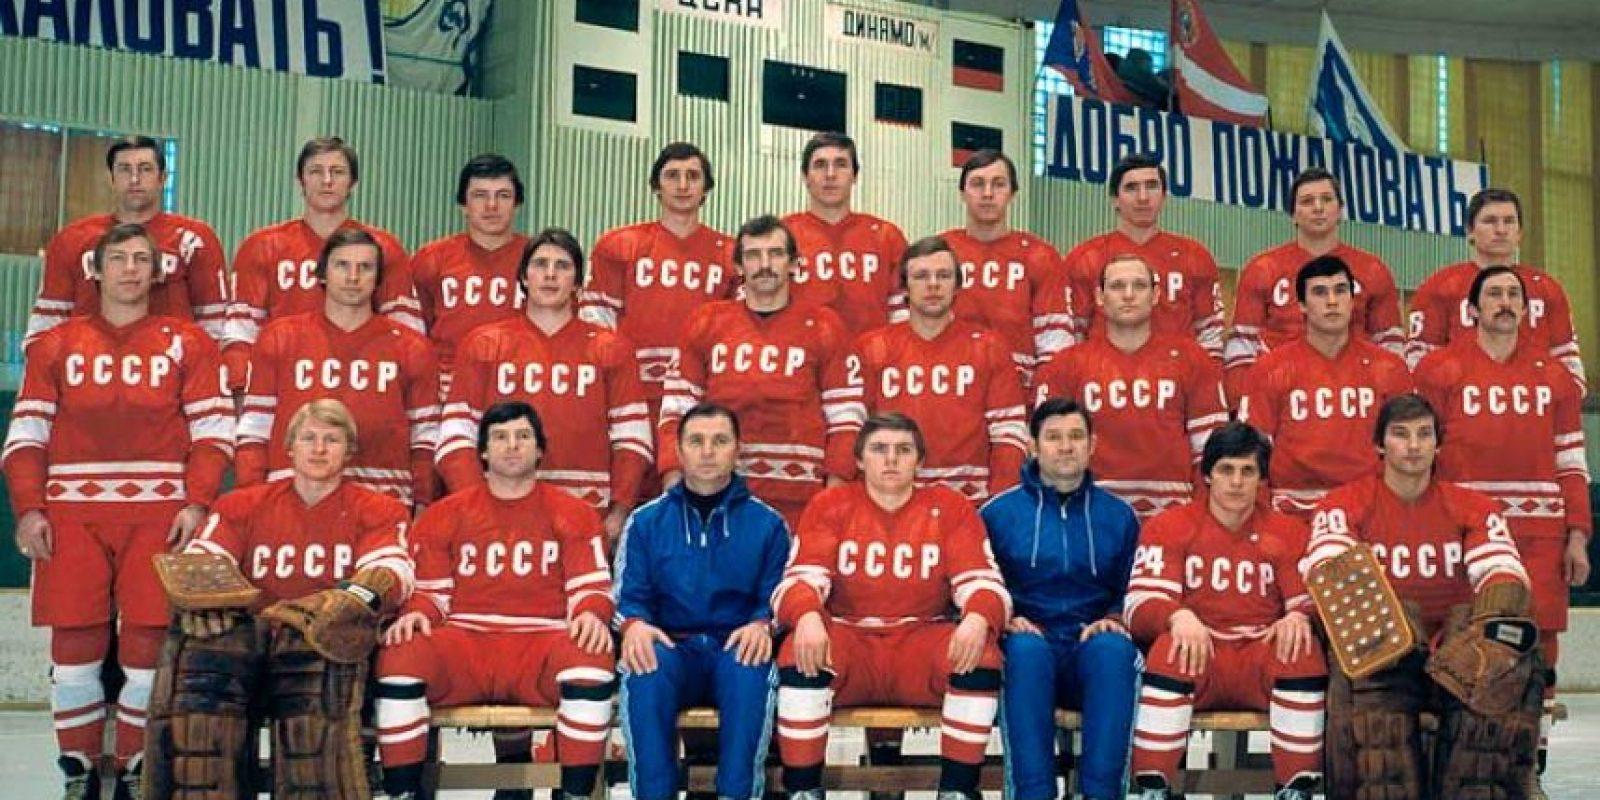 Moscú 1980: La entonces URSS quedó como primer lugar del medallero. Foto:Getty Images. Imagen Por: